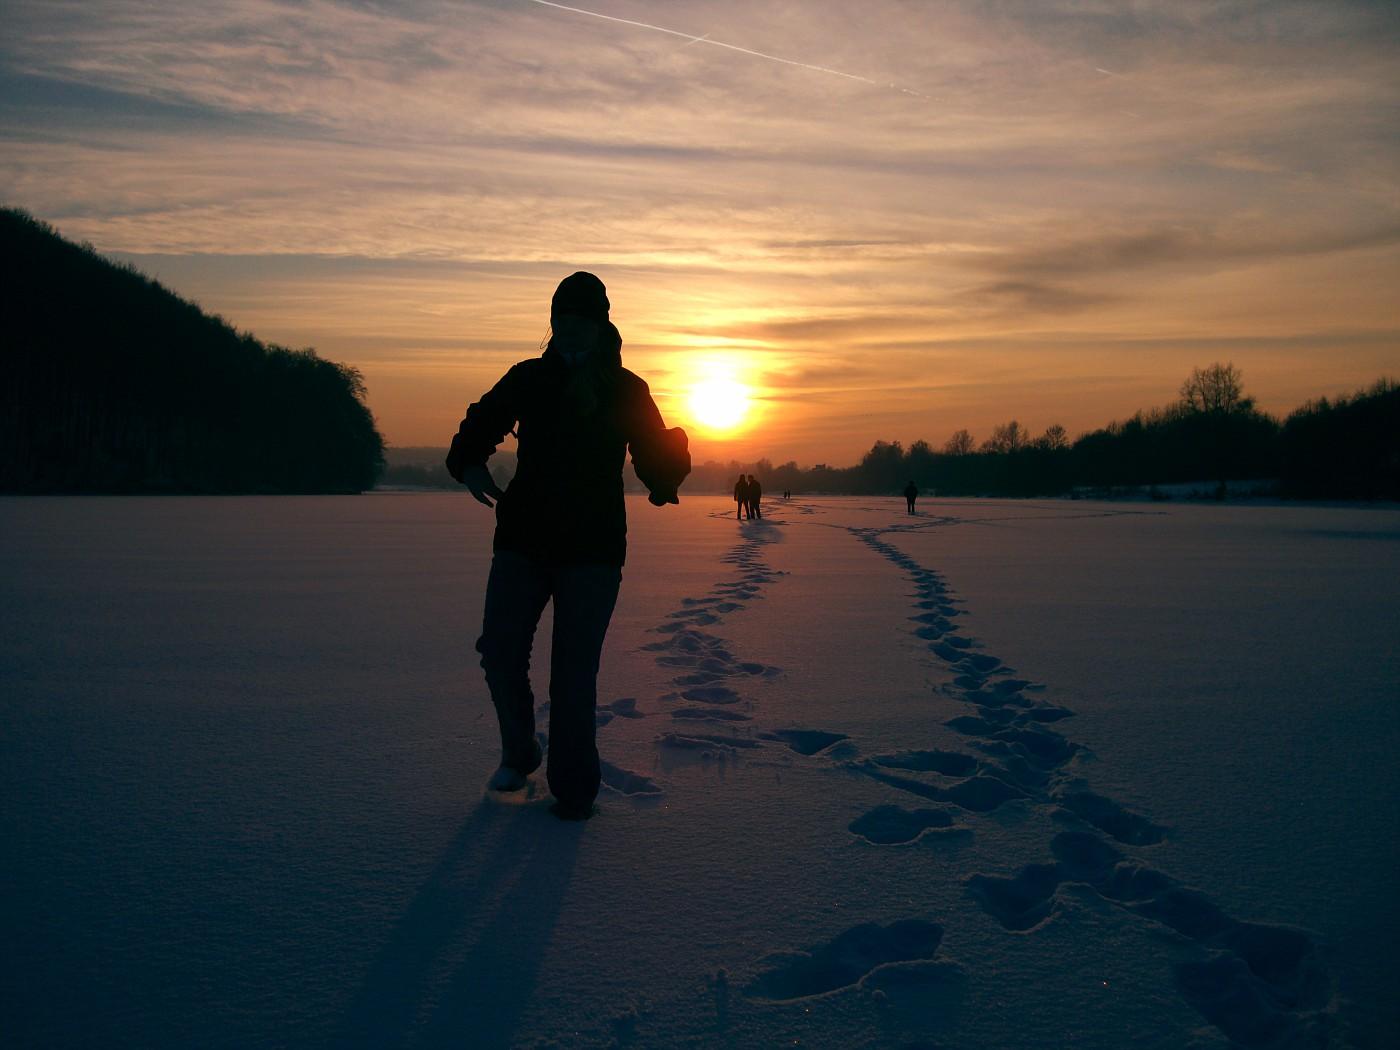 Giana auf dem schneebedecktem Eis